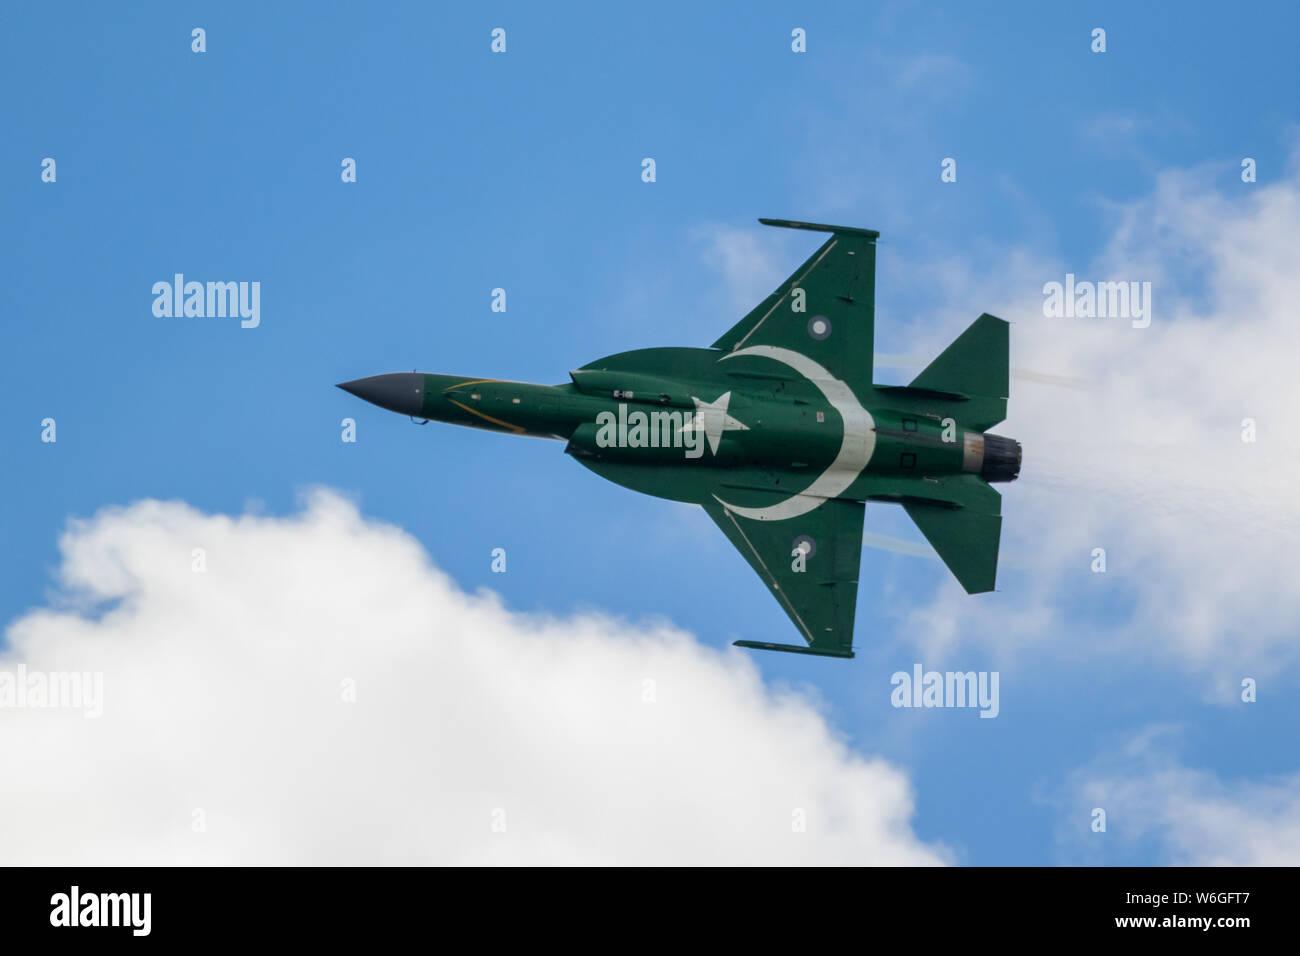 Pakistan Air Force Stock Photos & Pakistan Air Force Stock